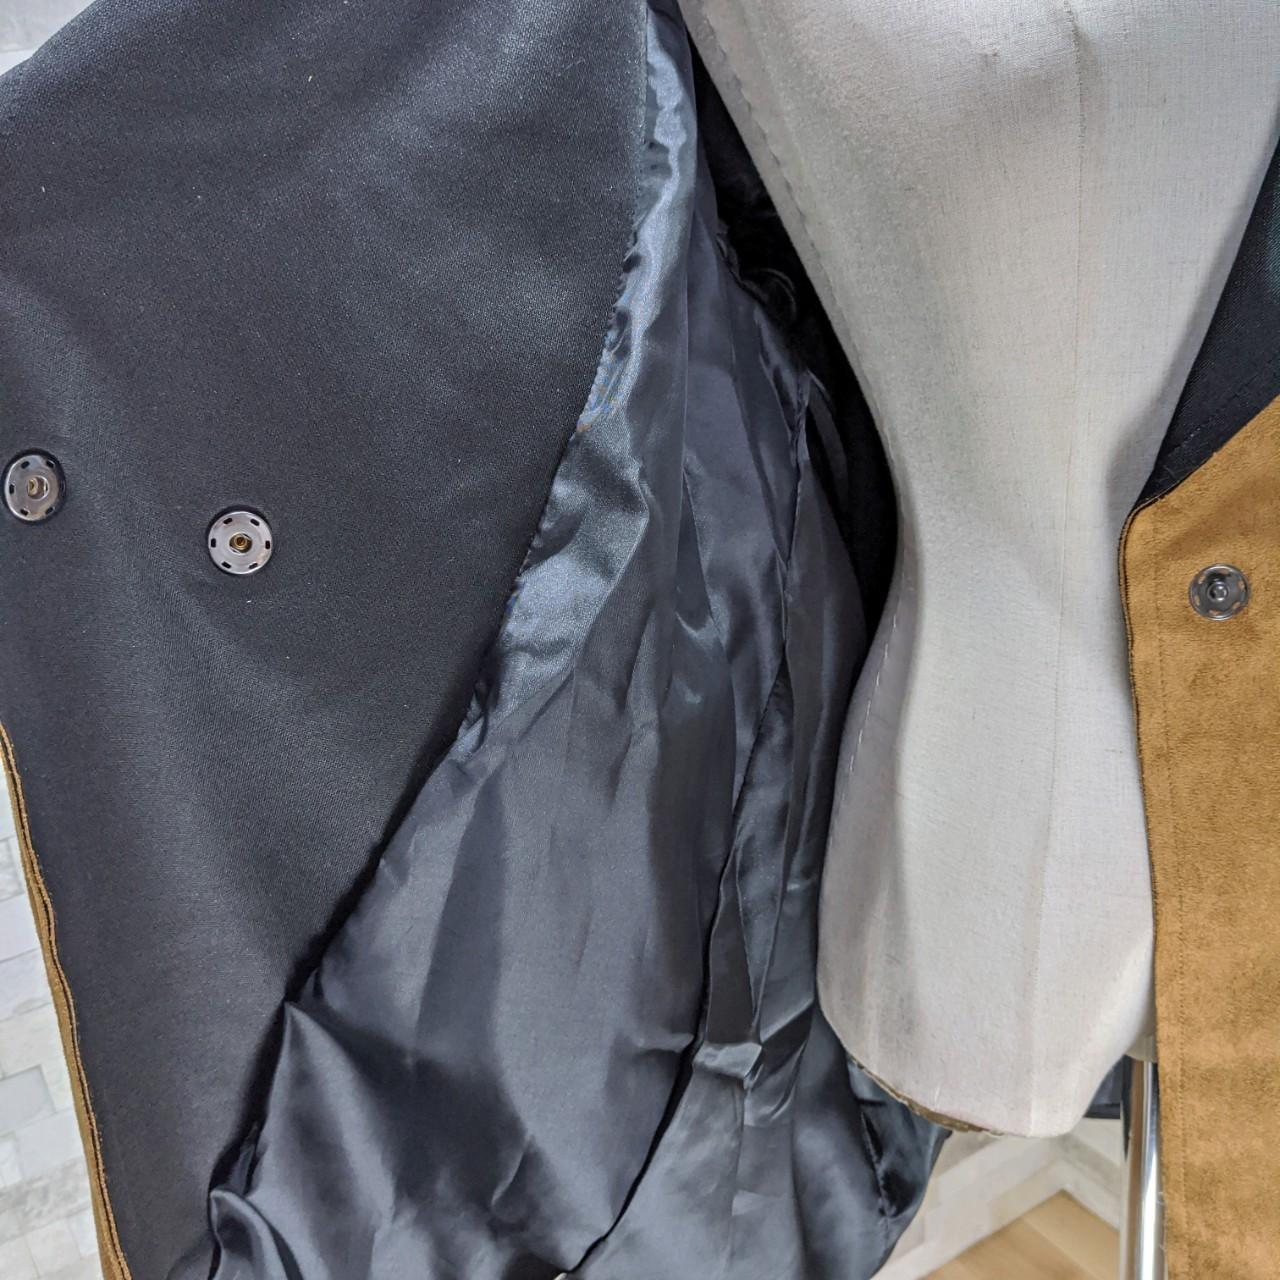 【即納】韓国 ファッション アウター レザージャケット コート 秋 冬 パーティー ブライダル SPTXG910  革ベルト風 エコスエード ジャケット ショート 二次会 セレブ きれいめの写真12枚目